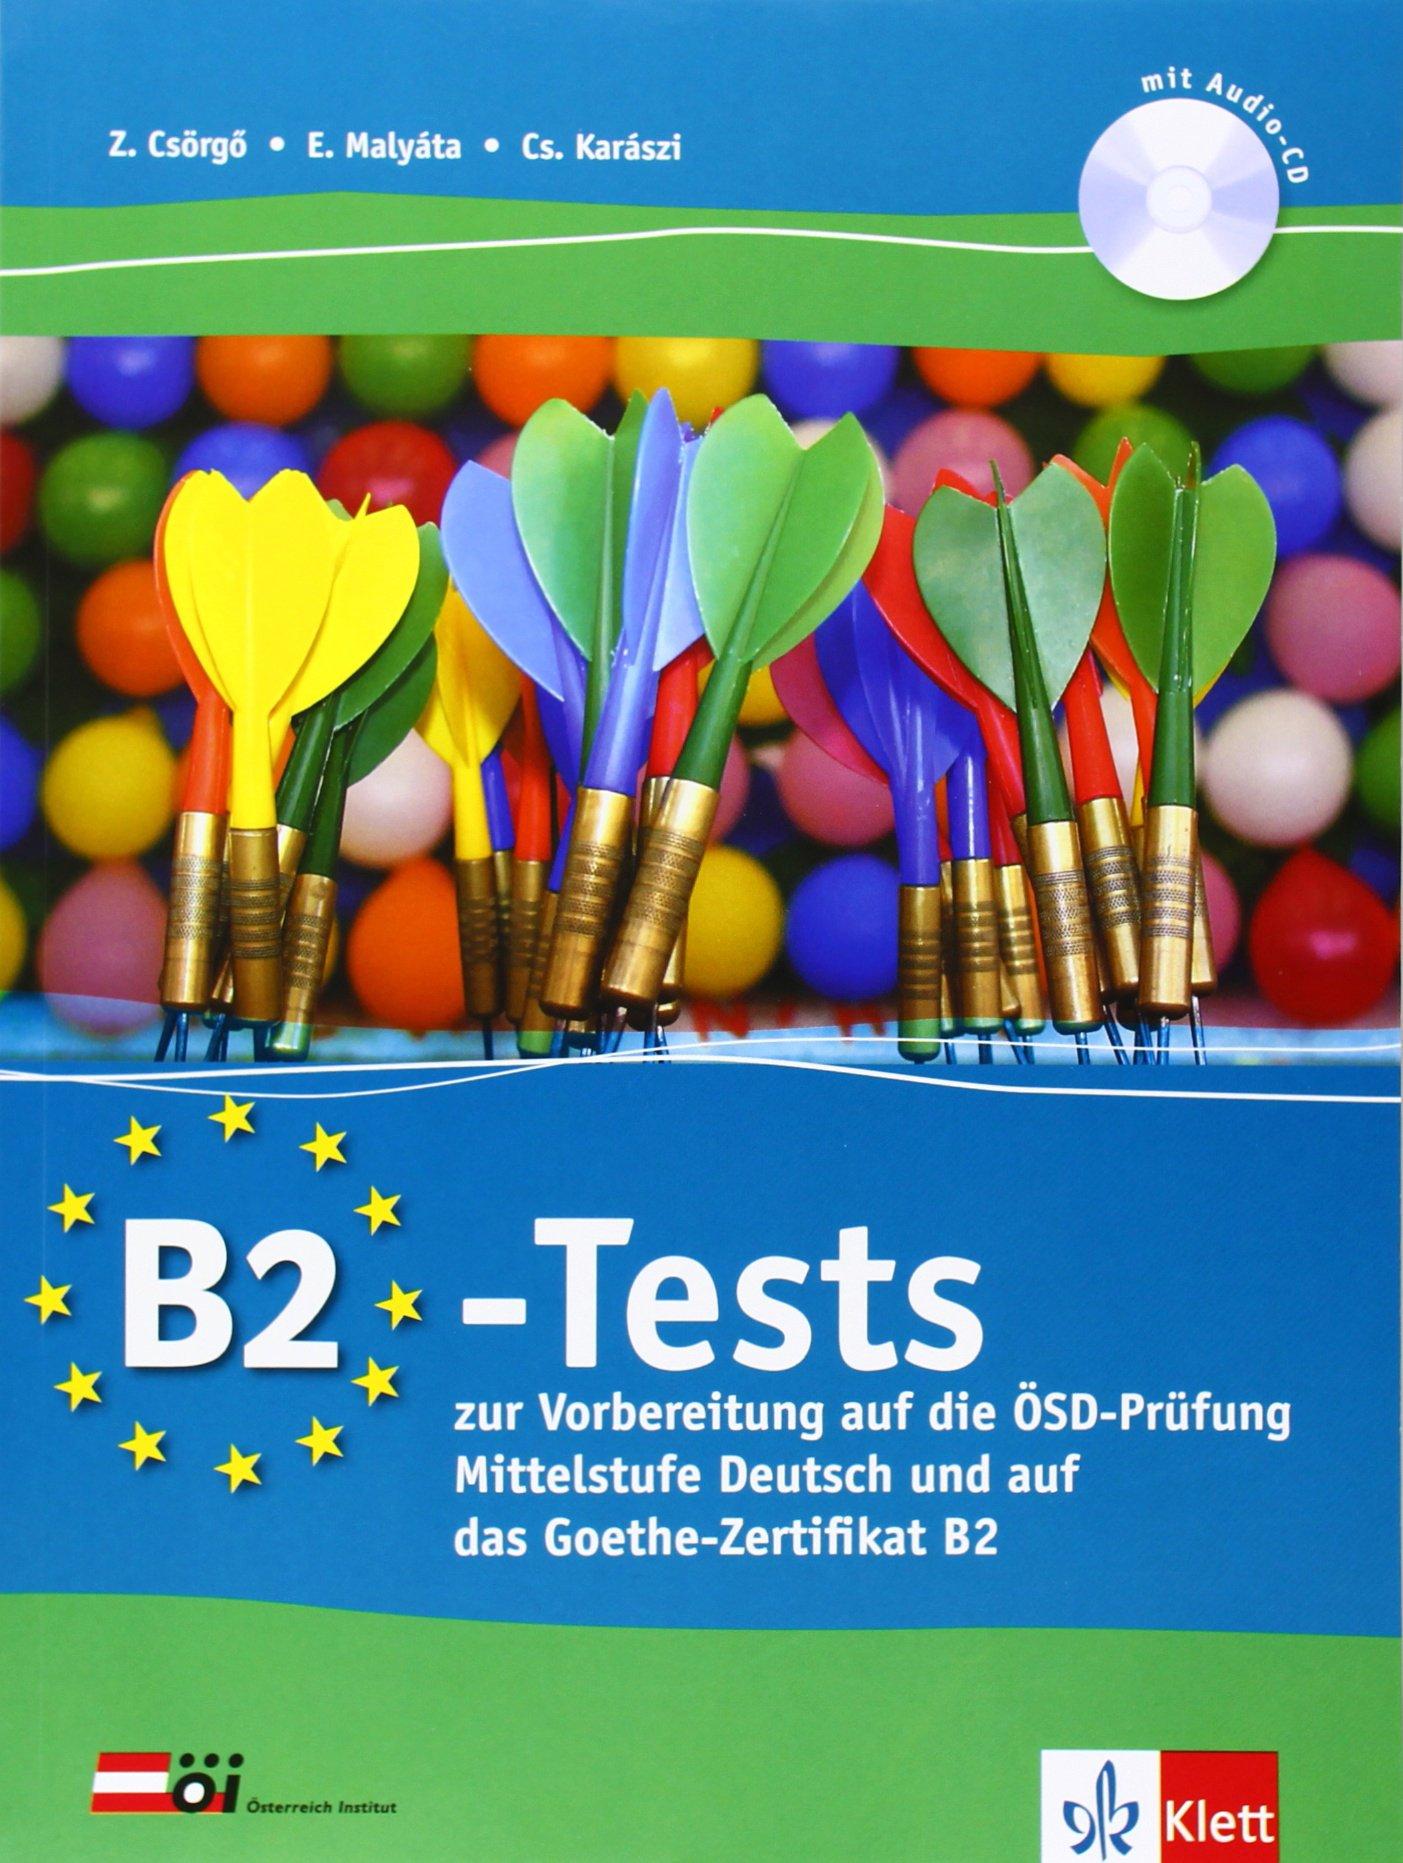 B2 Test Zu B2 Finale Zur Vorbereitung Auf Die ösd Prüfung